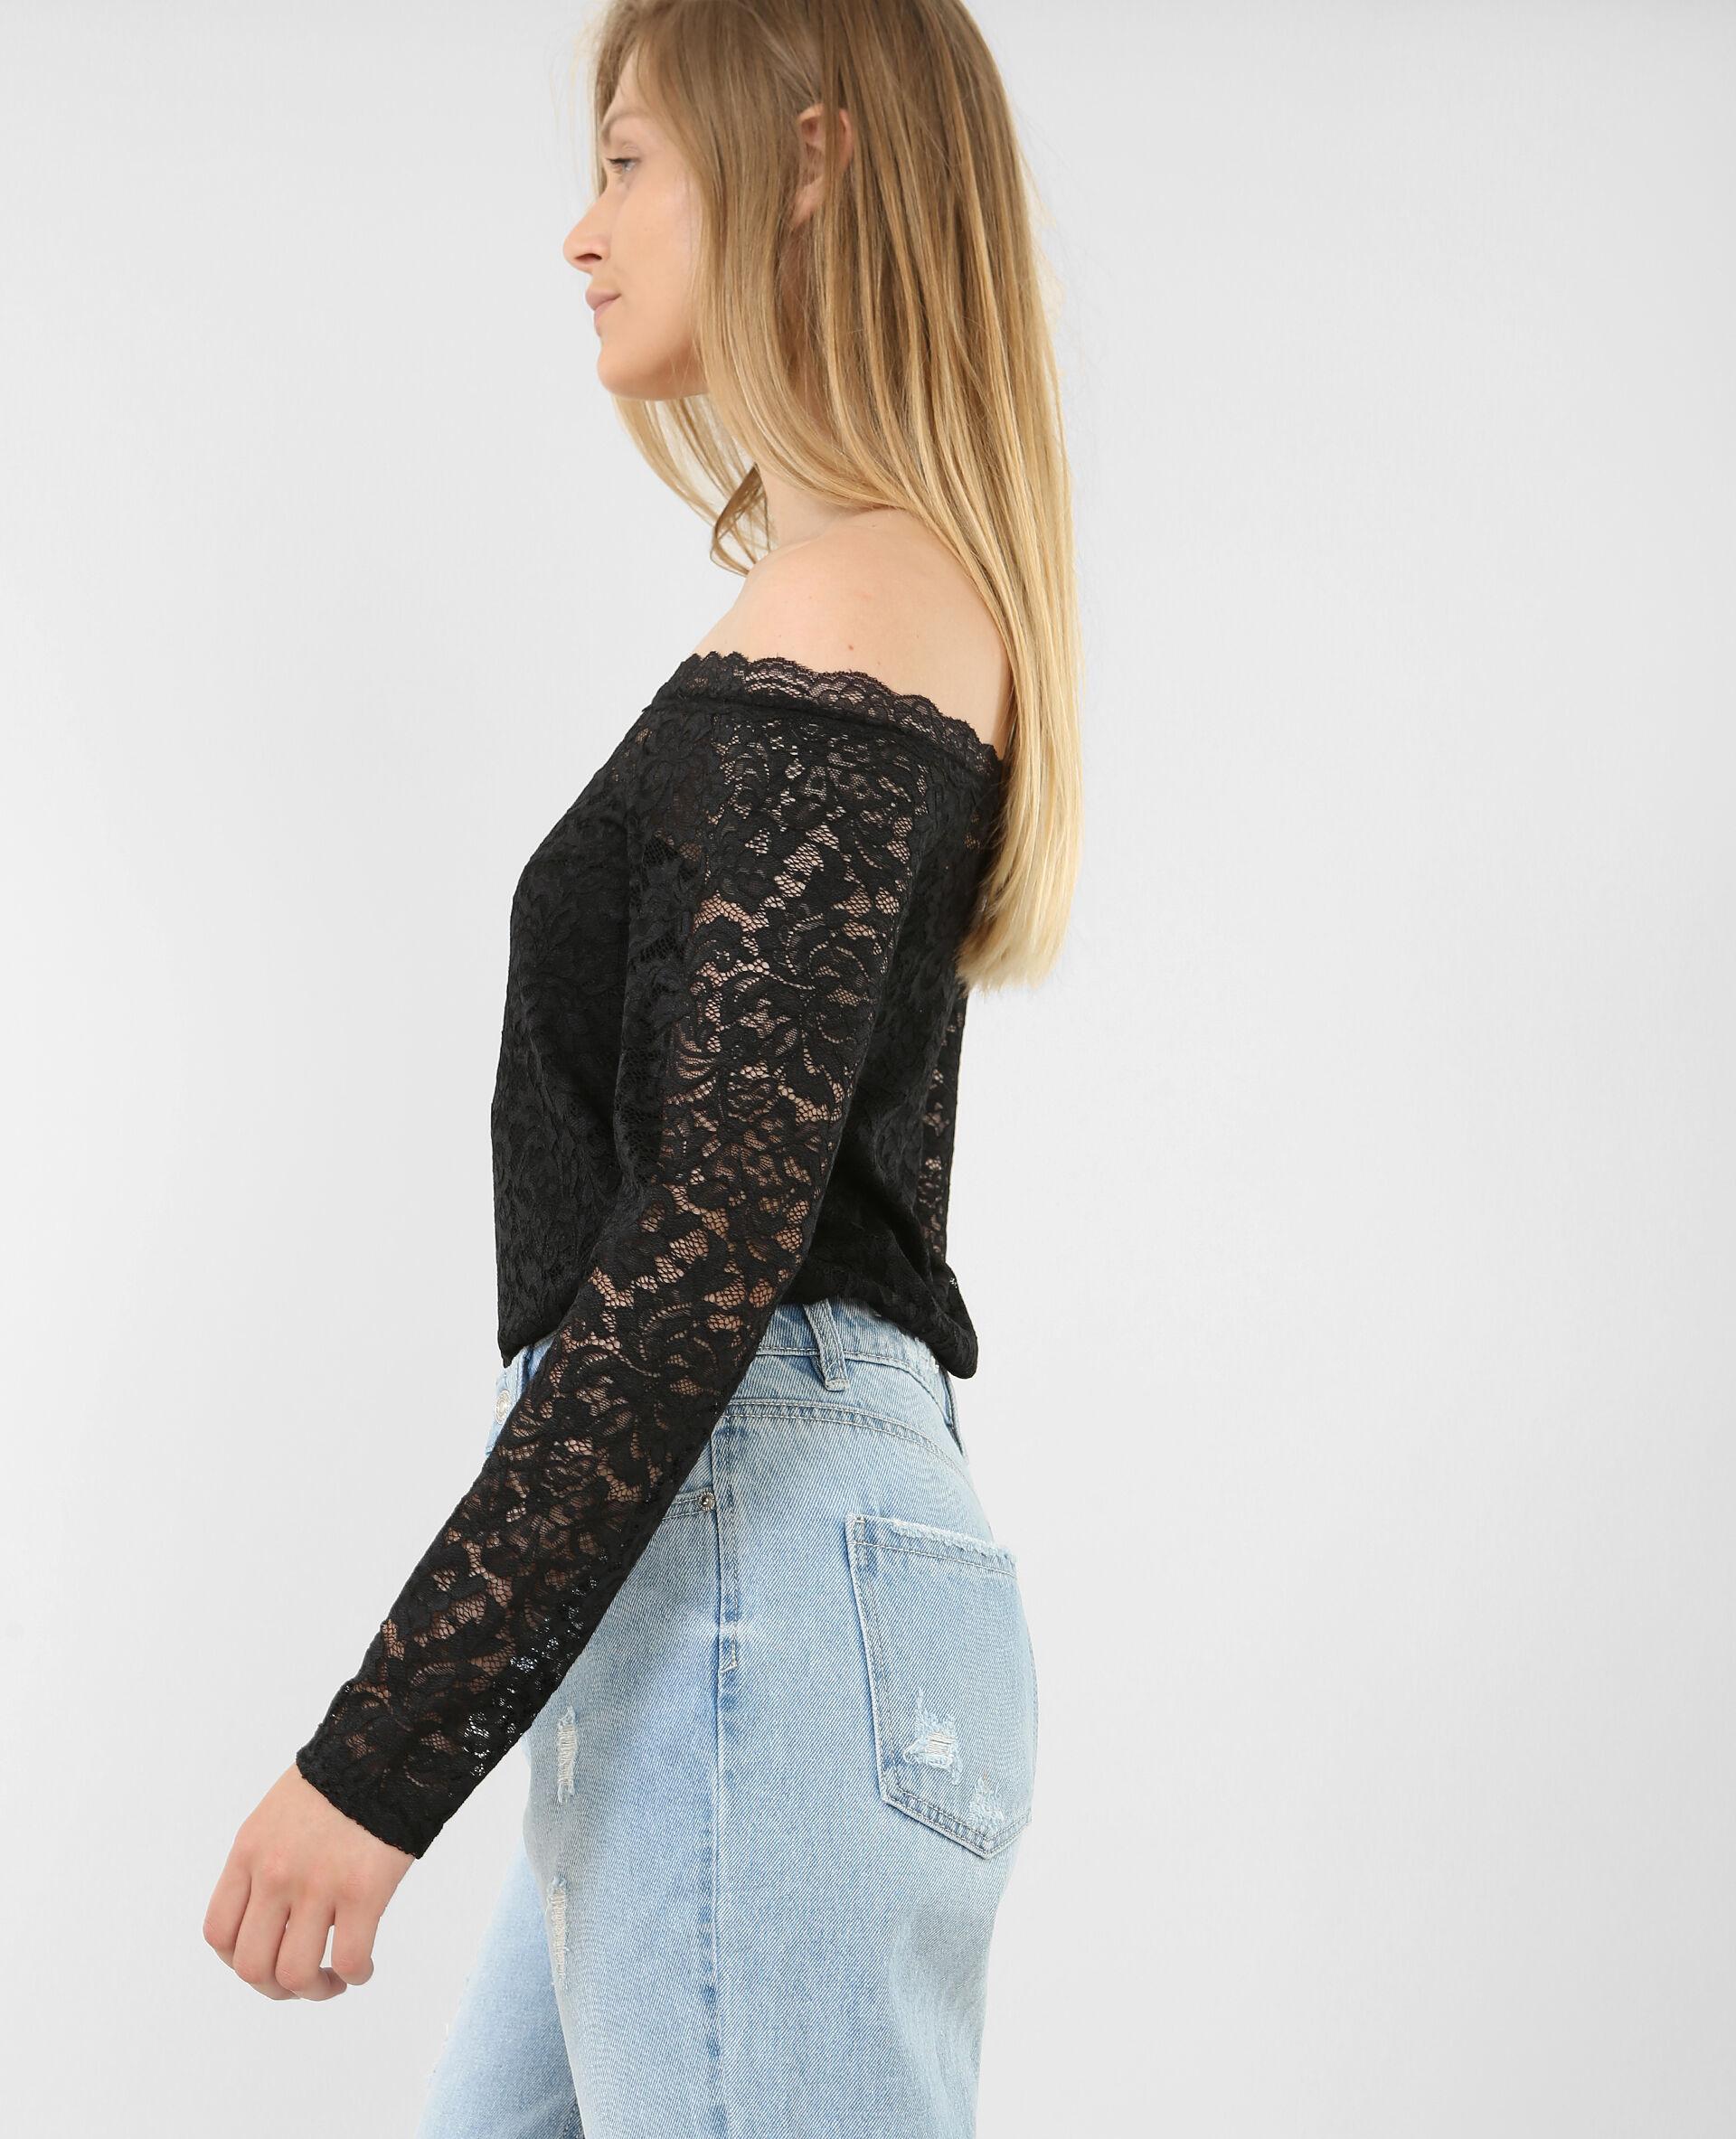 ✅T-shirt en dentelle Femme - Couleur noir - Taille S - PIMKIE - MODE FEMME